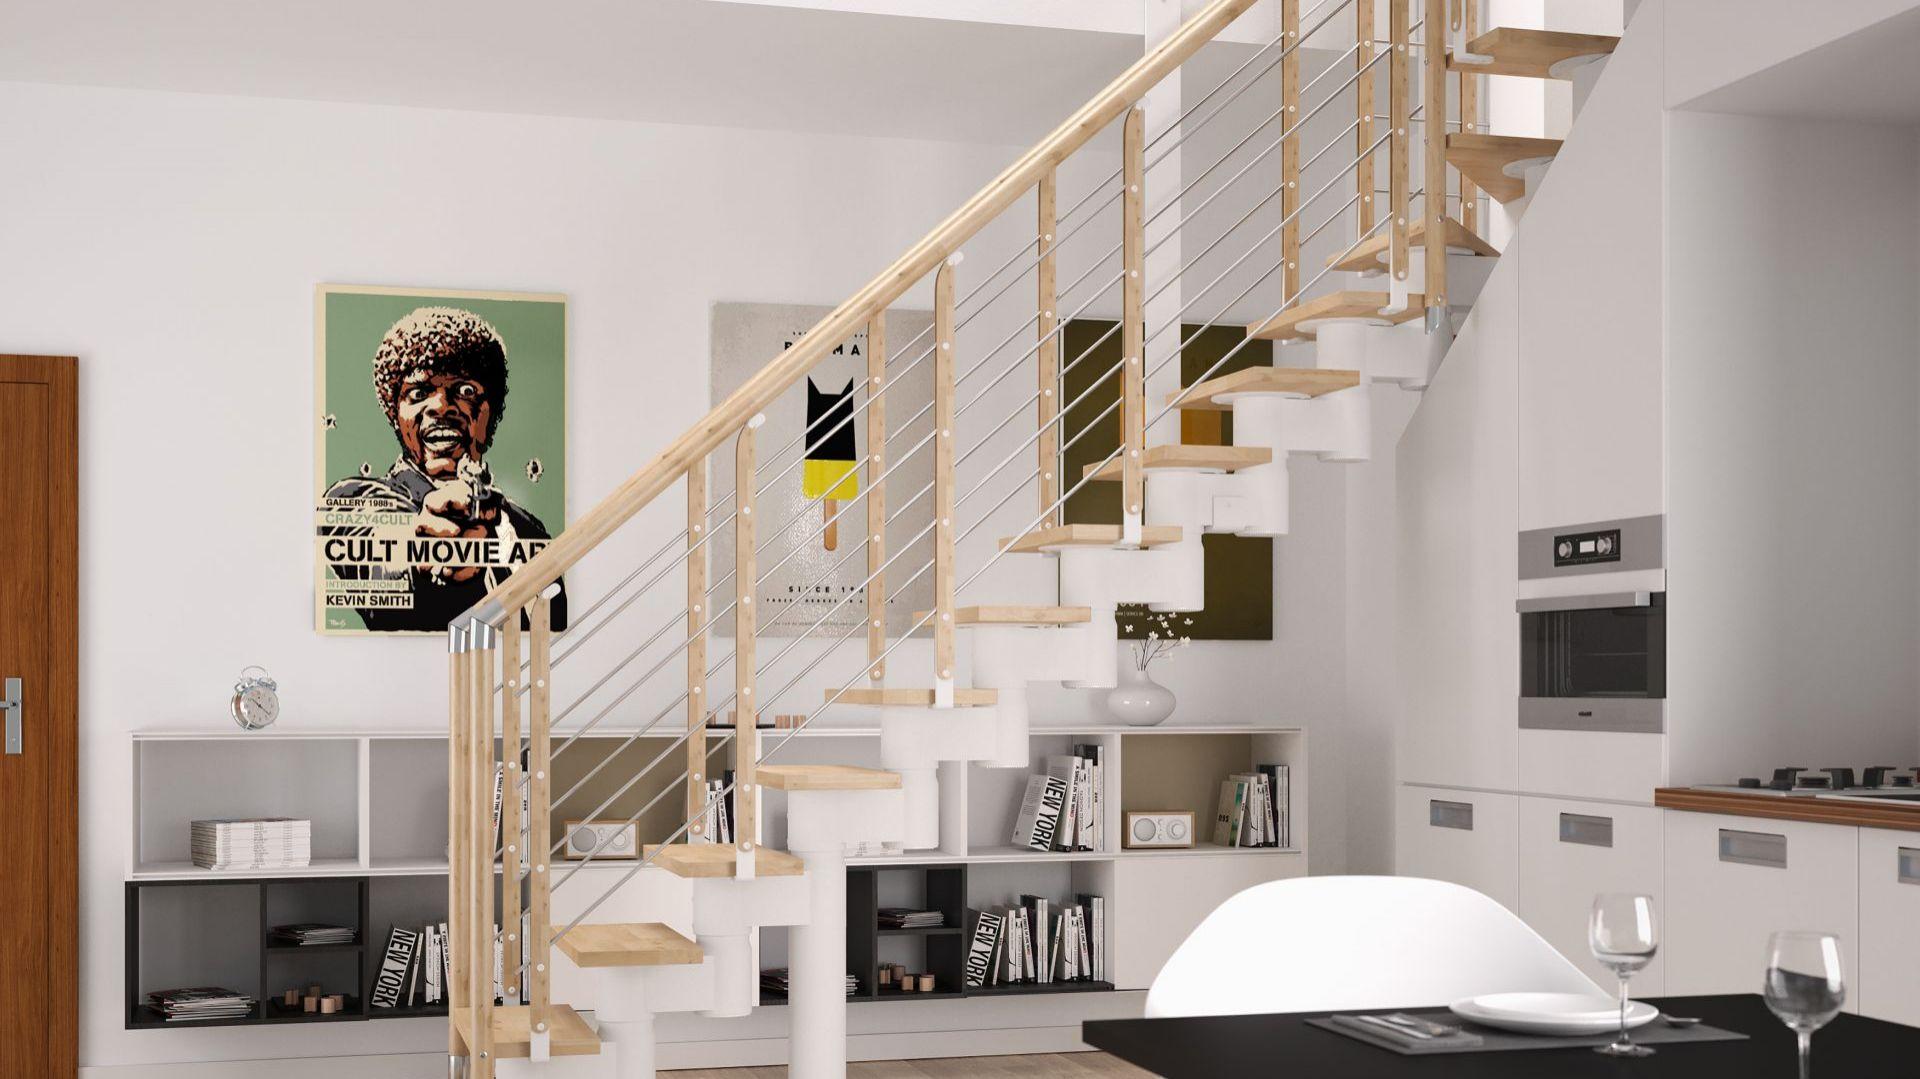 Schody Knock 06 z balustradą Filo drewno. Konstrukcja metalowa w kolorze białym. Stopnie z mozaiki bukowej w kolorze natura. Cena – od 17,2 tys. zł brutto (w ramach promocji listopadowej). Fot. Rintal Polska